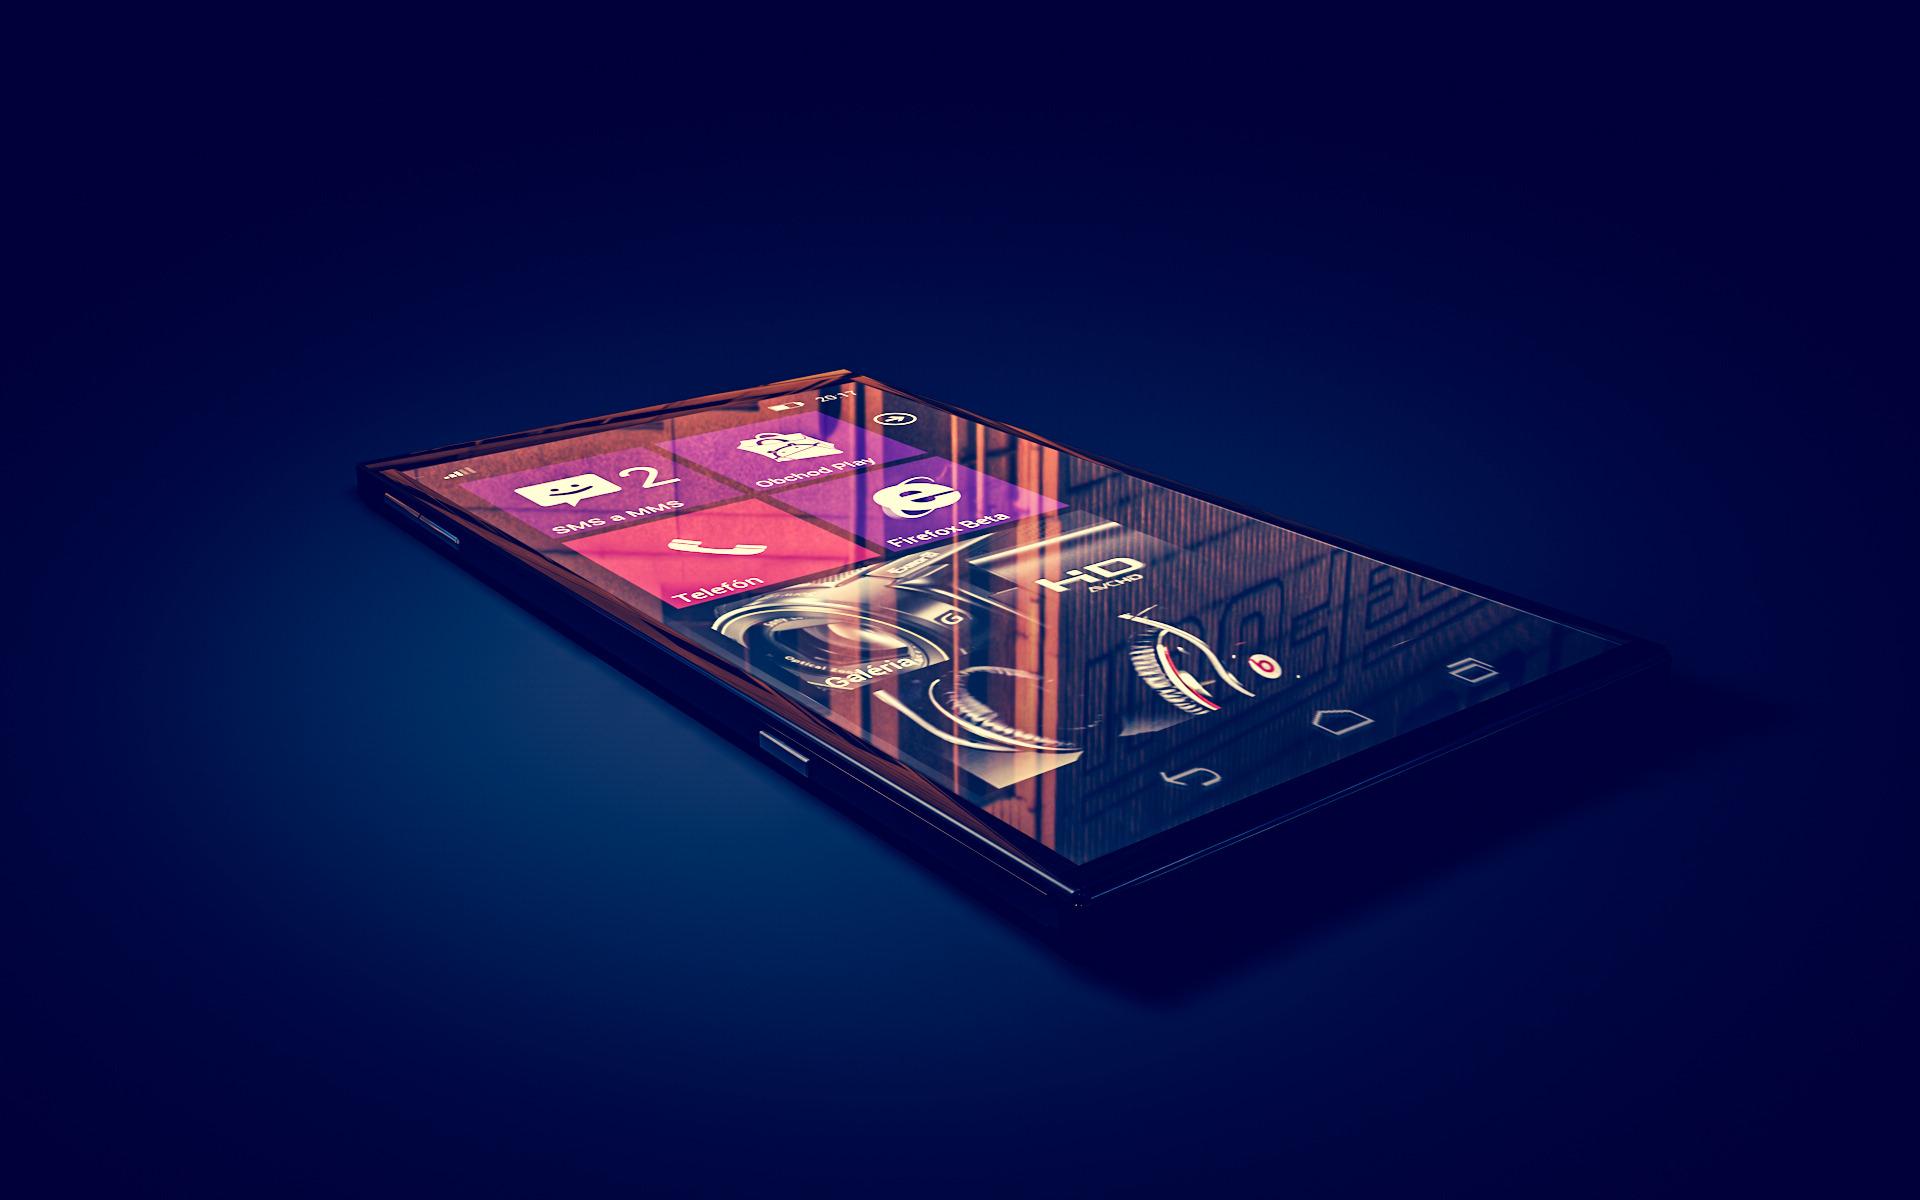 phone-wallpaper-11